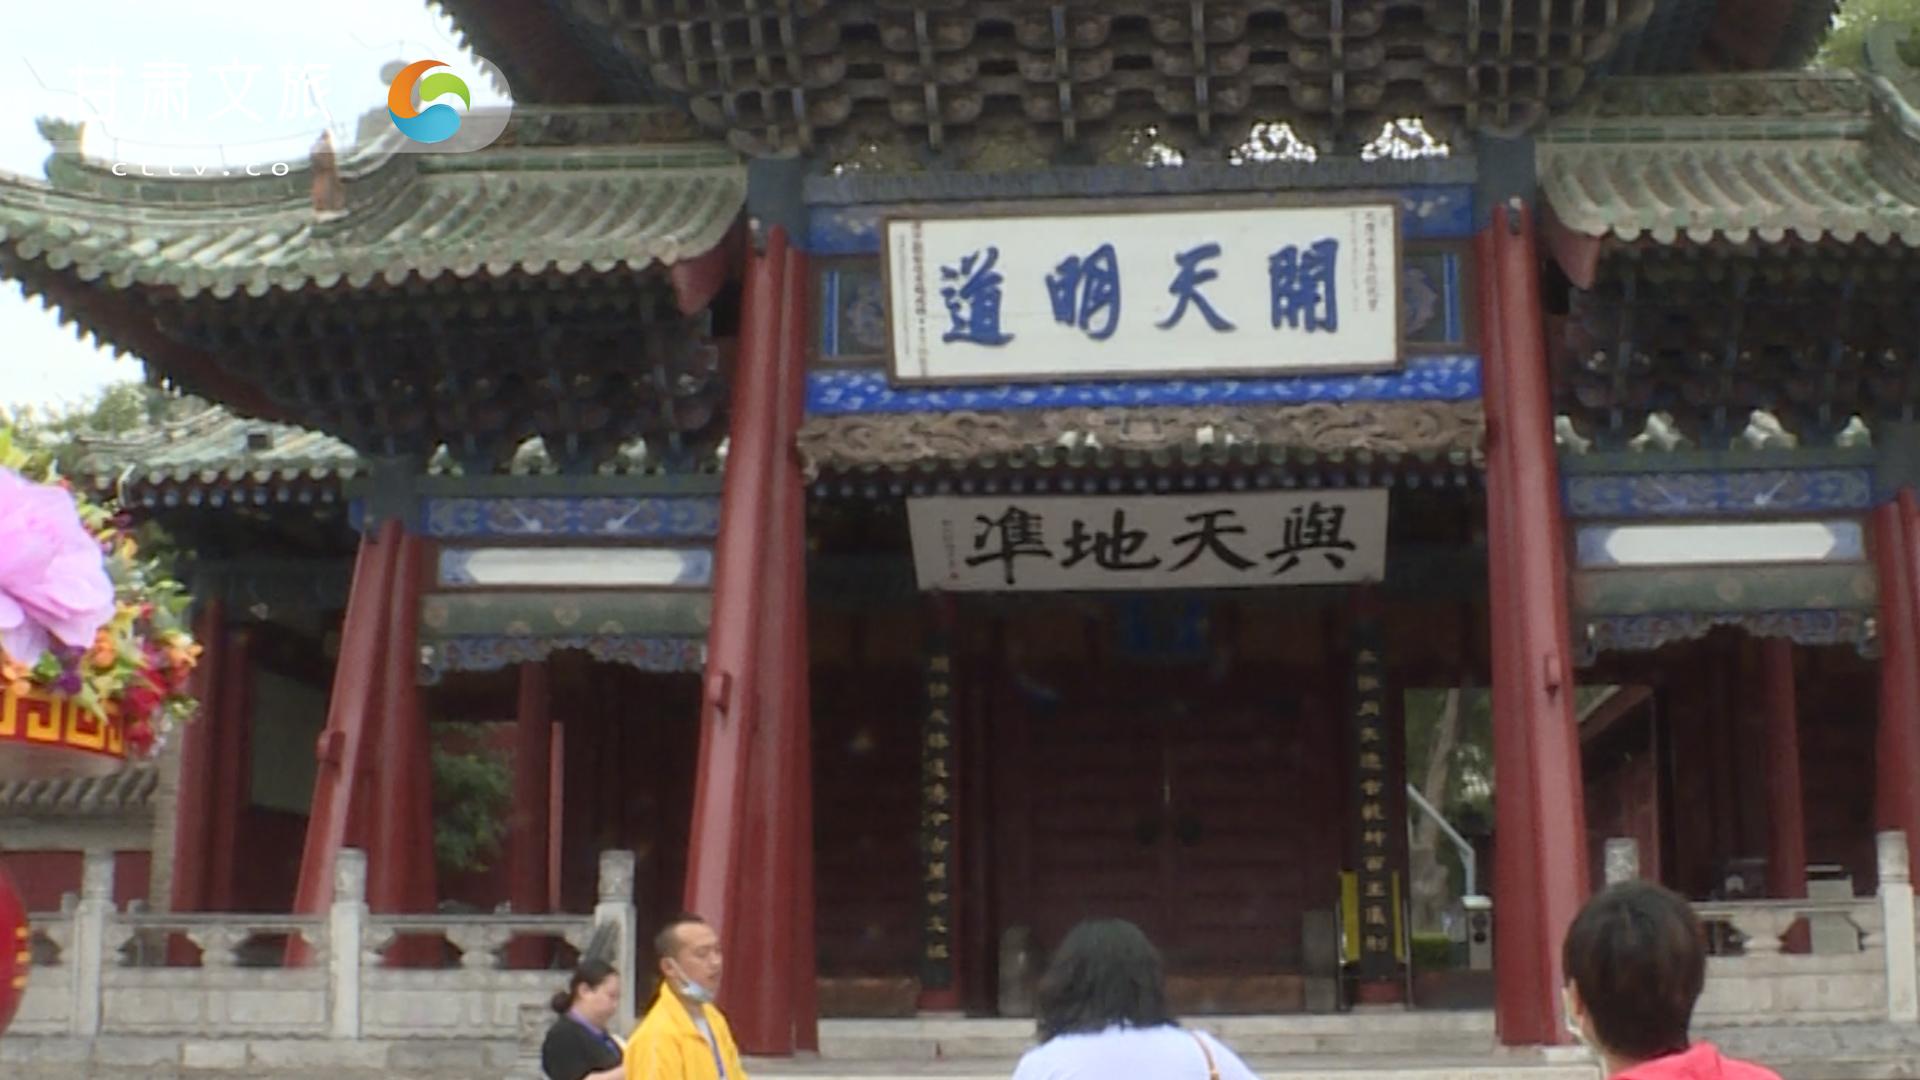 全球华人寻根祭祖的圣地—伏羲庙